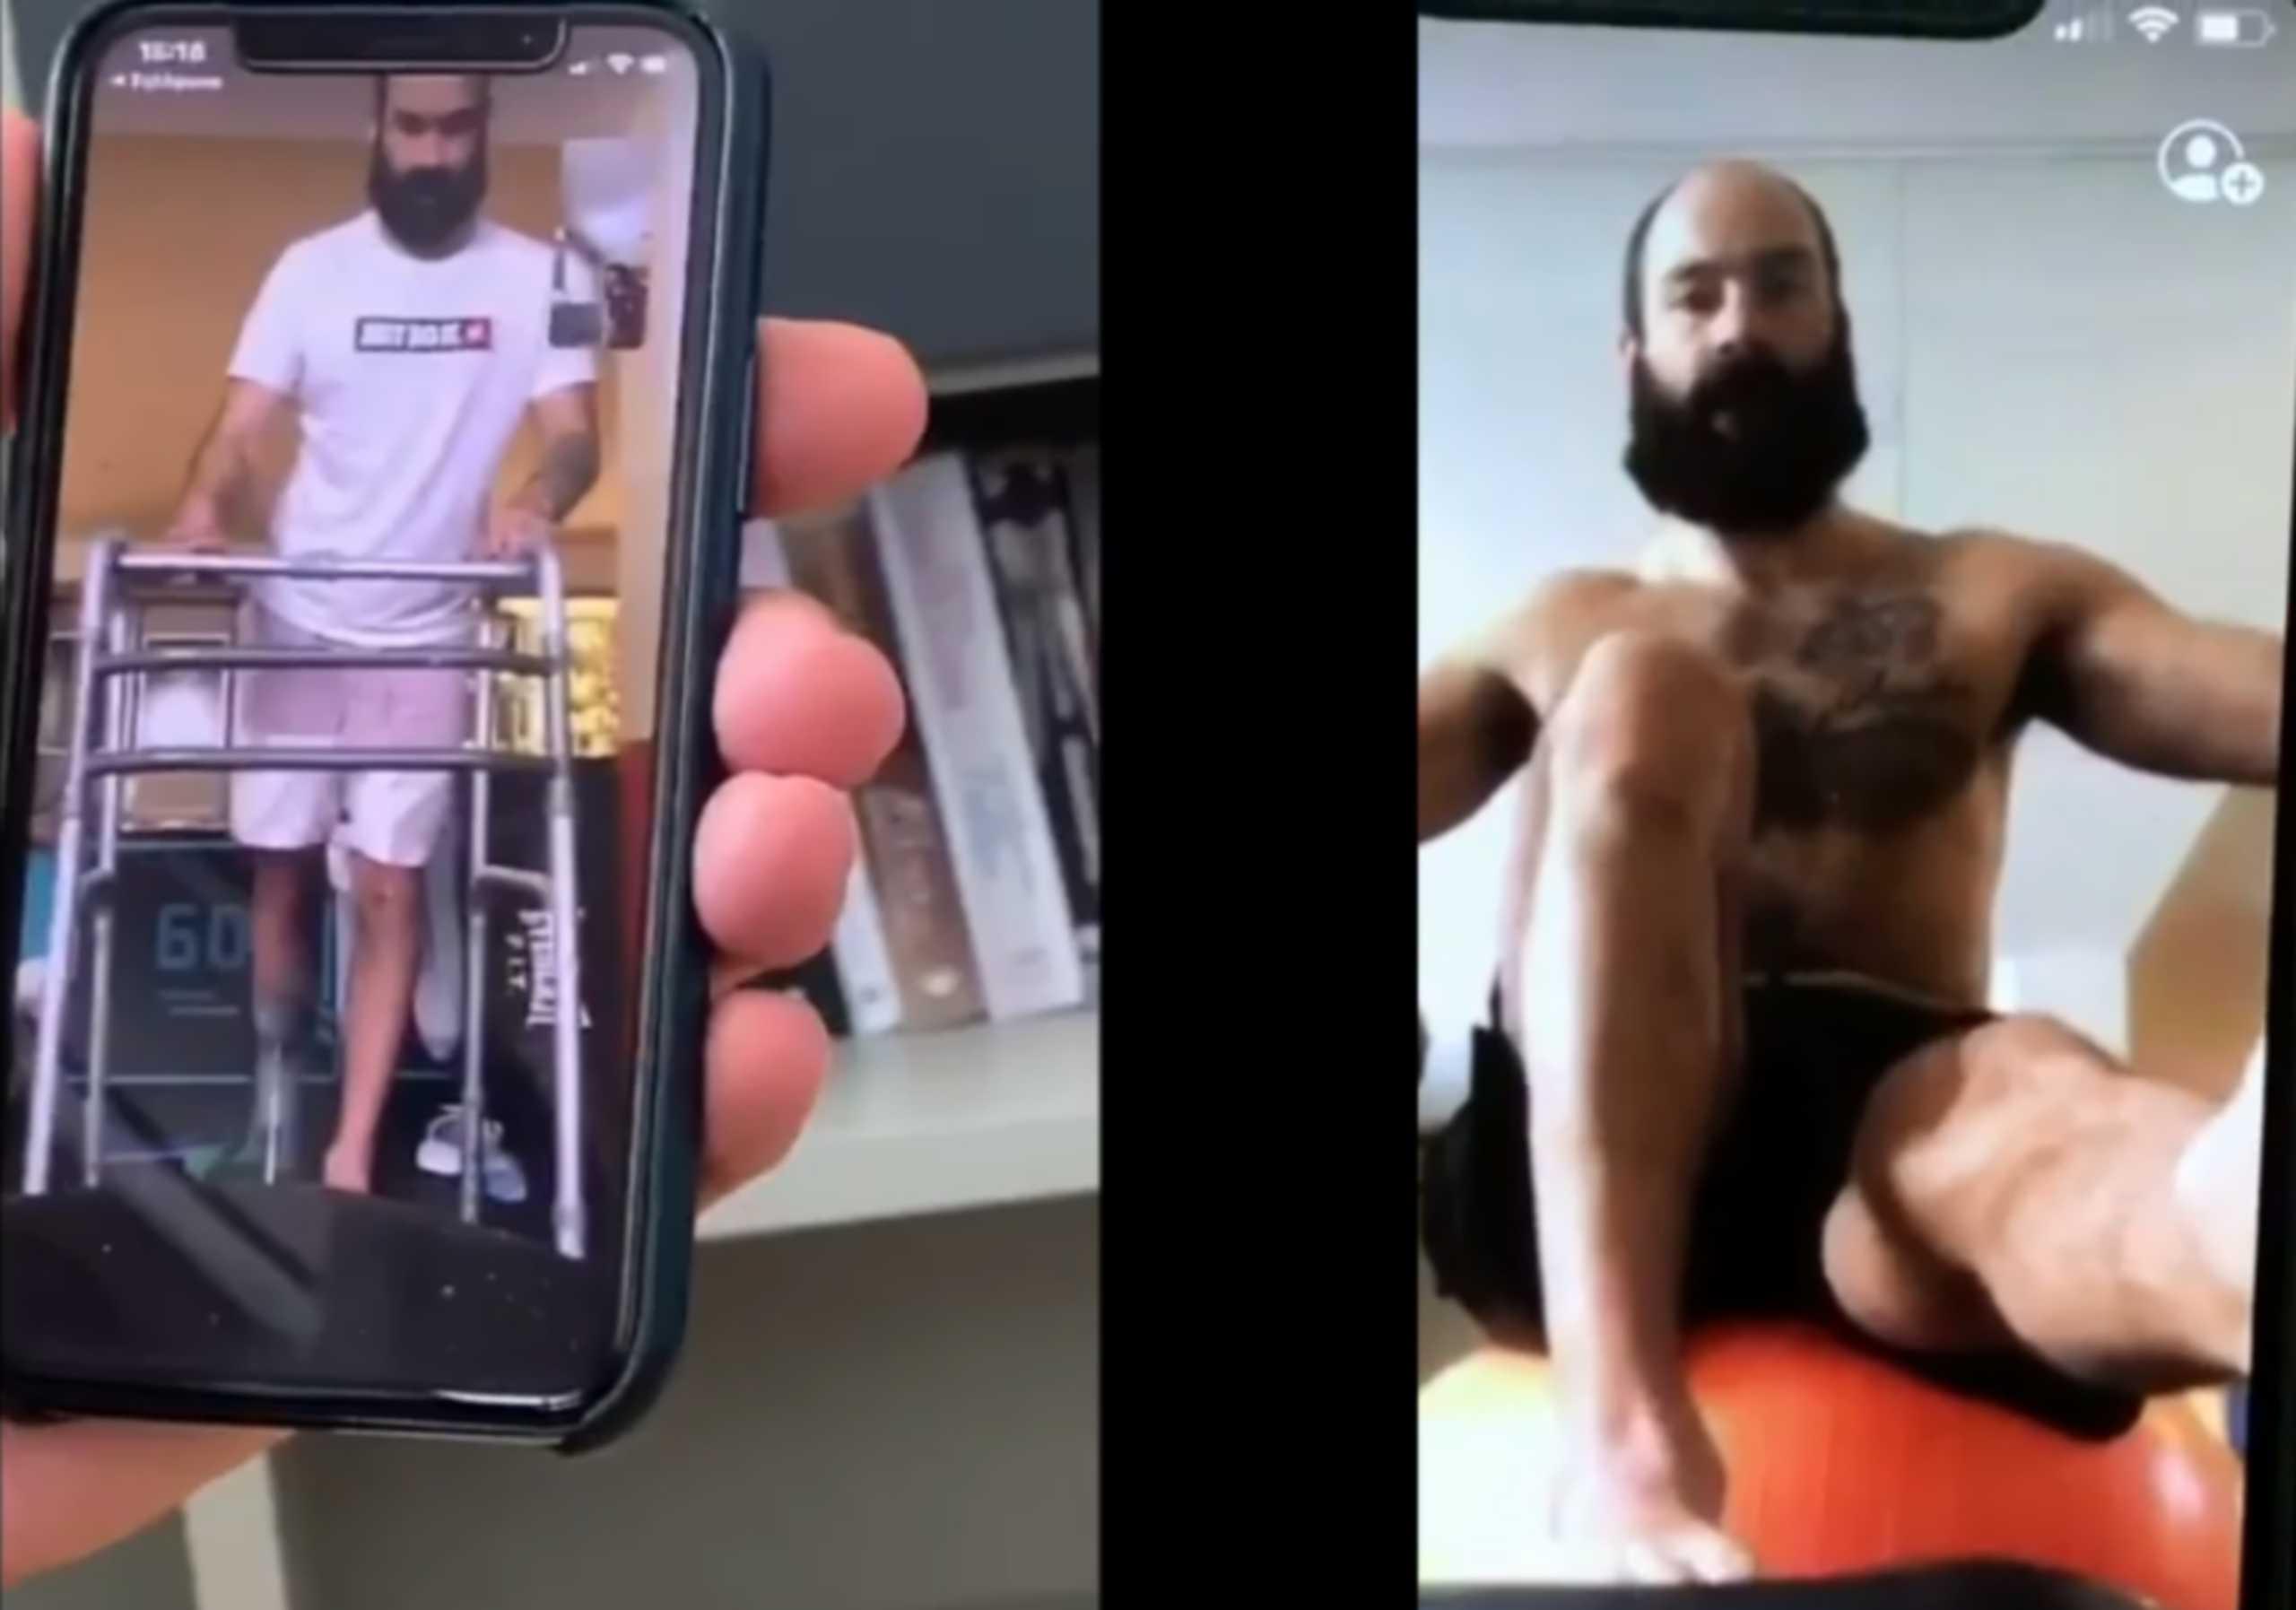 Τρομερό video: Βήμα βήμα η επάνοδος του Σπανούλη από τον τραυματισμό